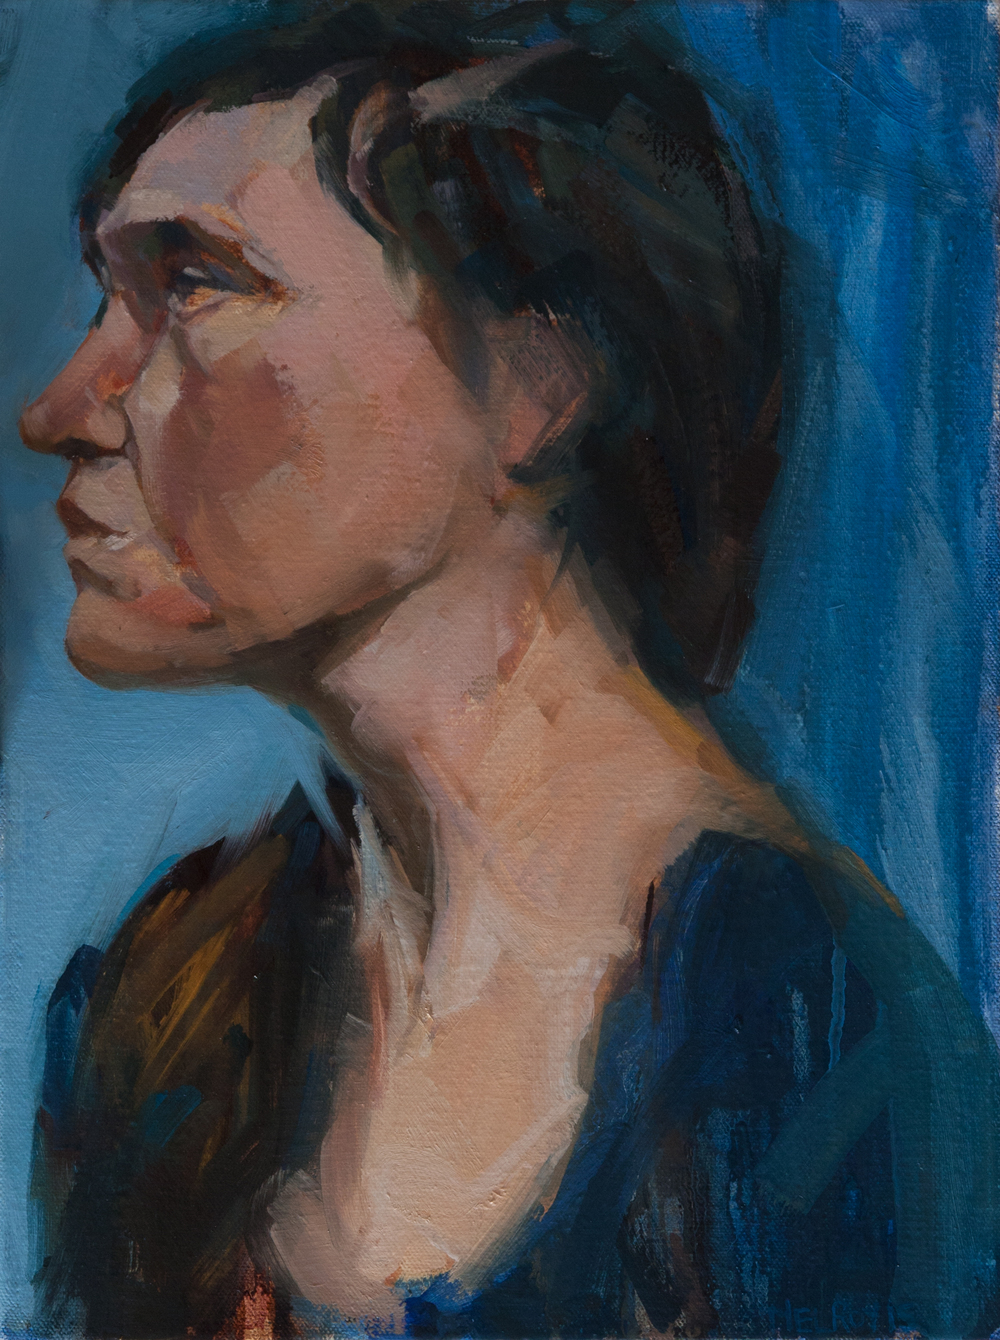 Ina in Profile